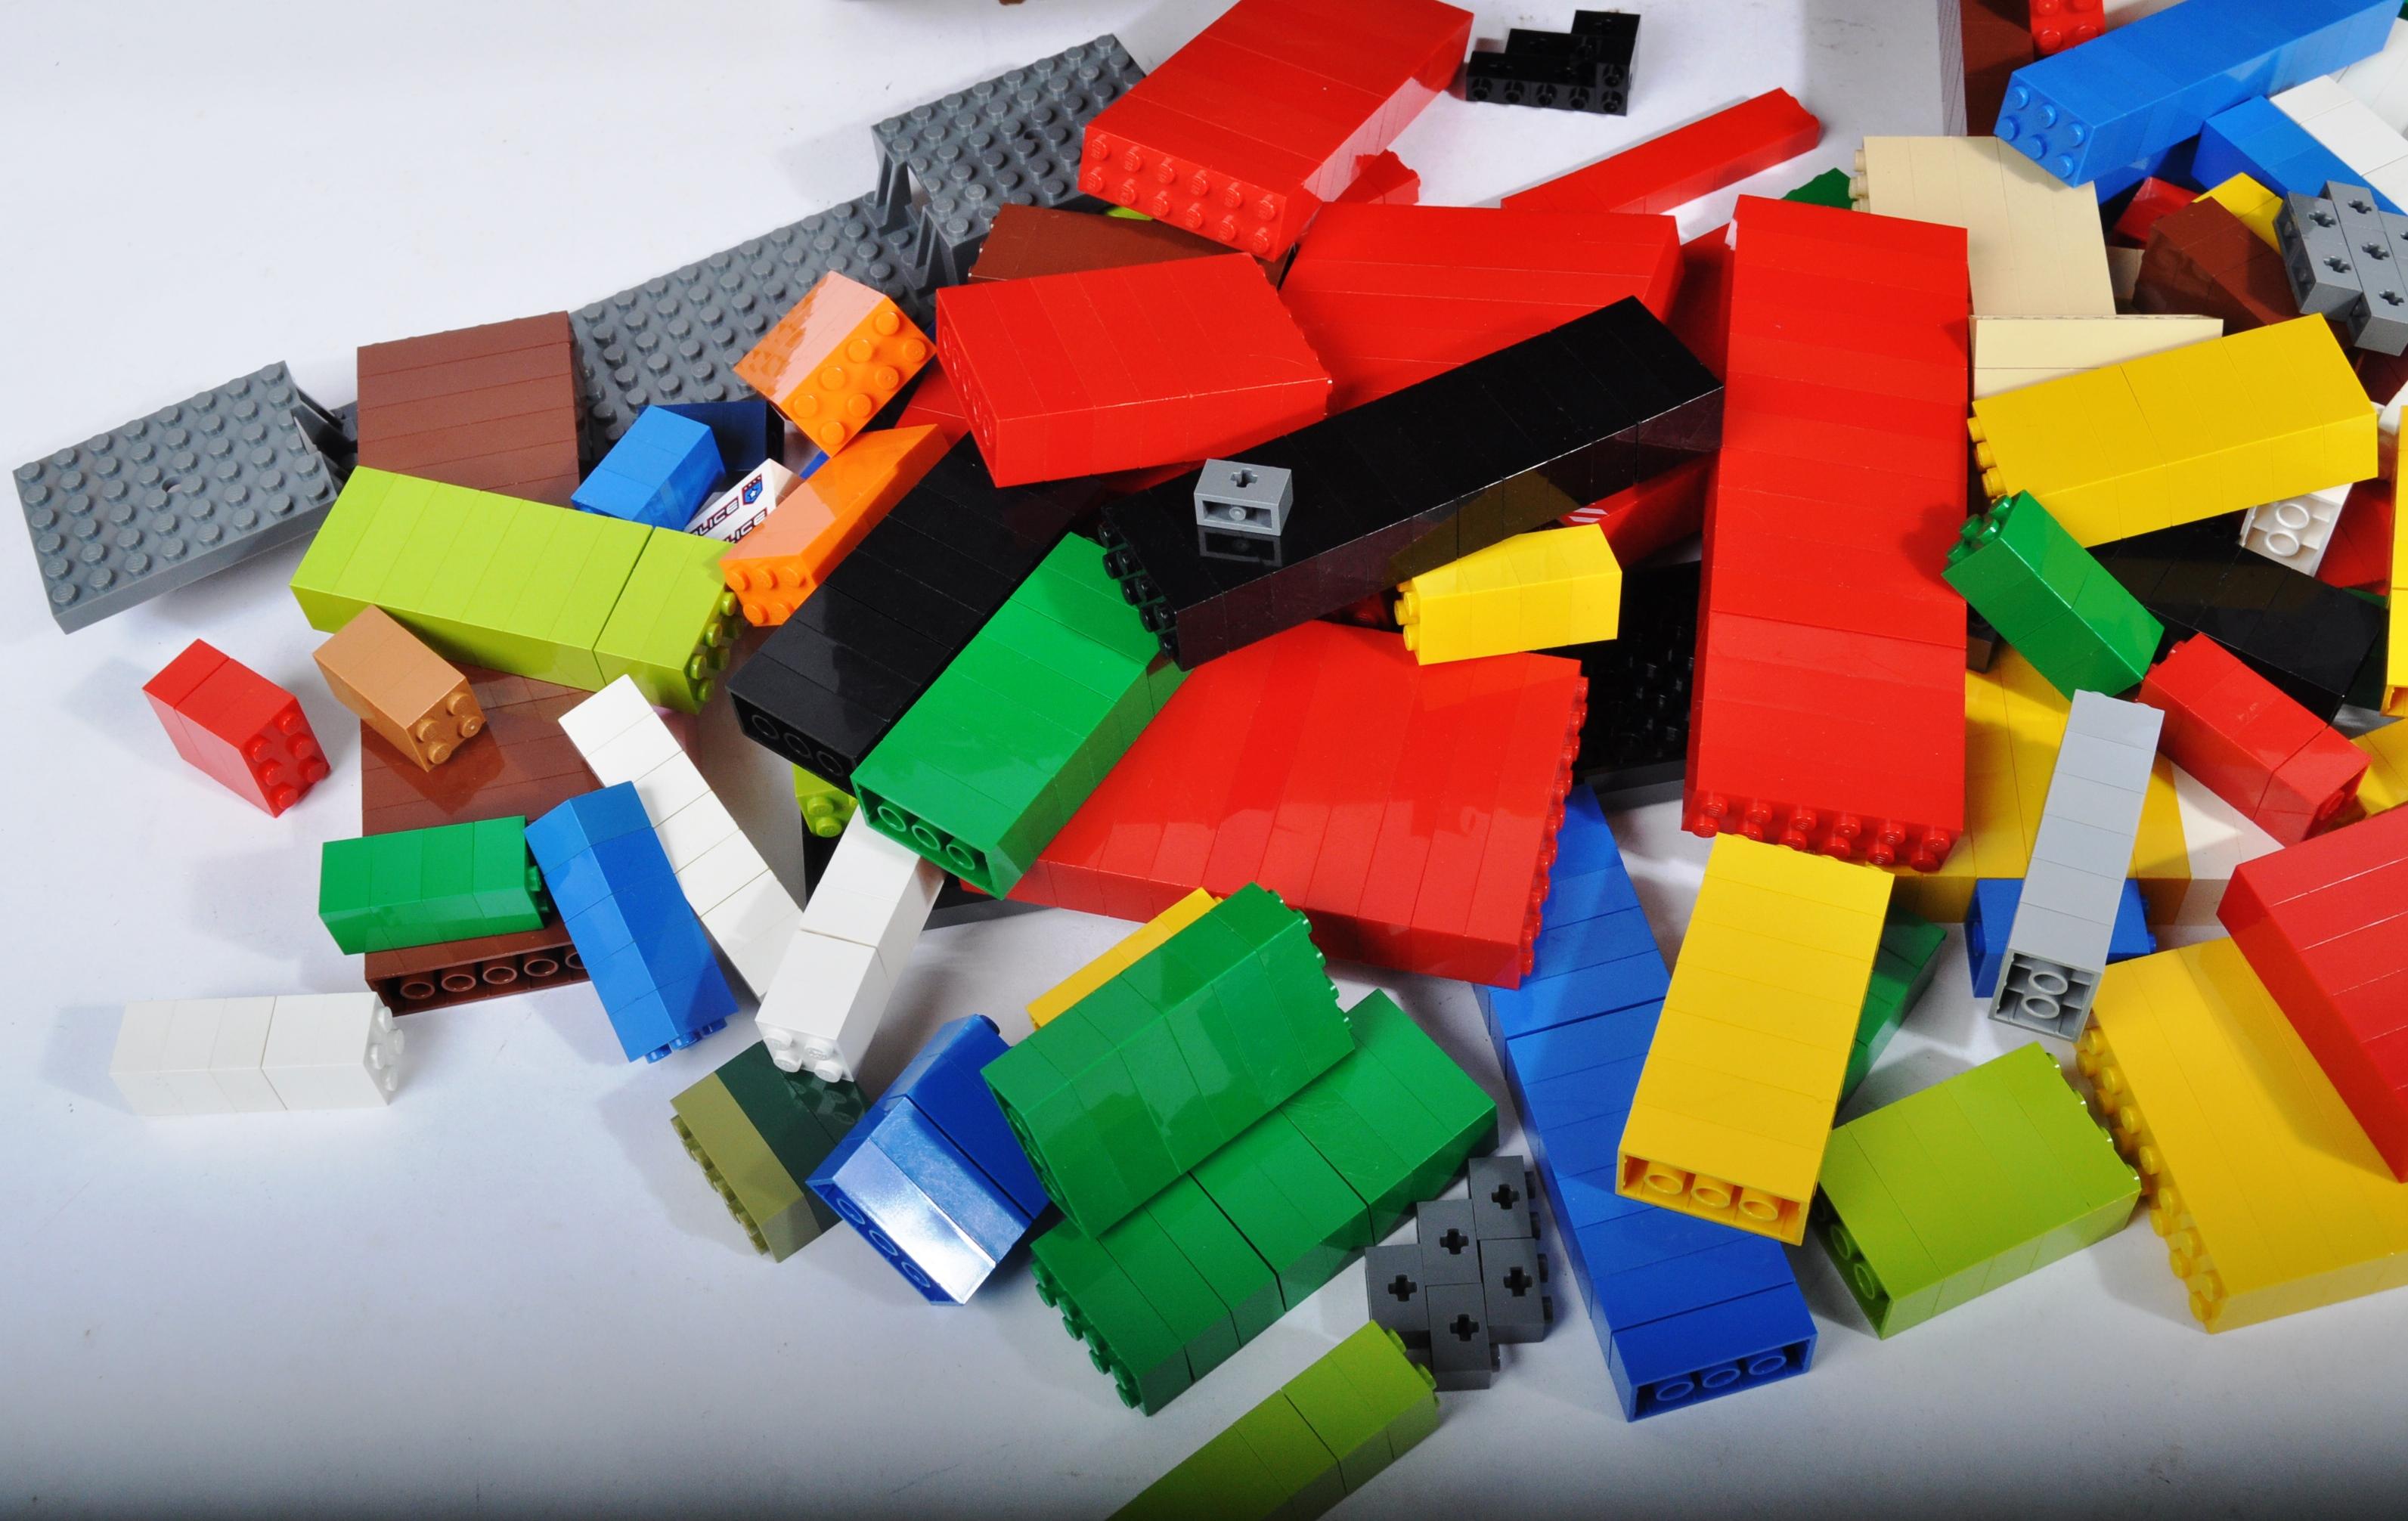 LARGE ASSORTMENT OF LOOSE LEGO BRICKS - Image 4 of 4